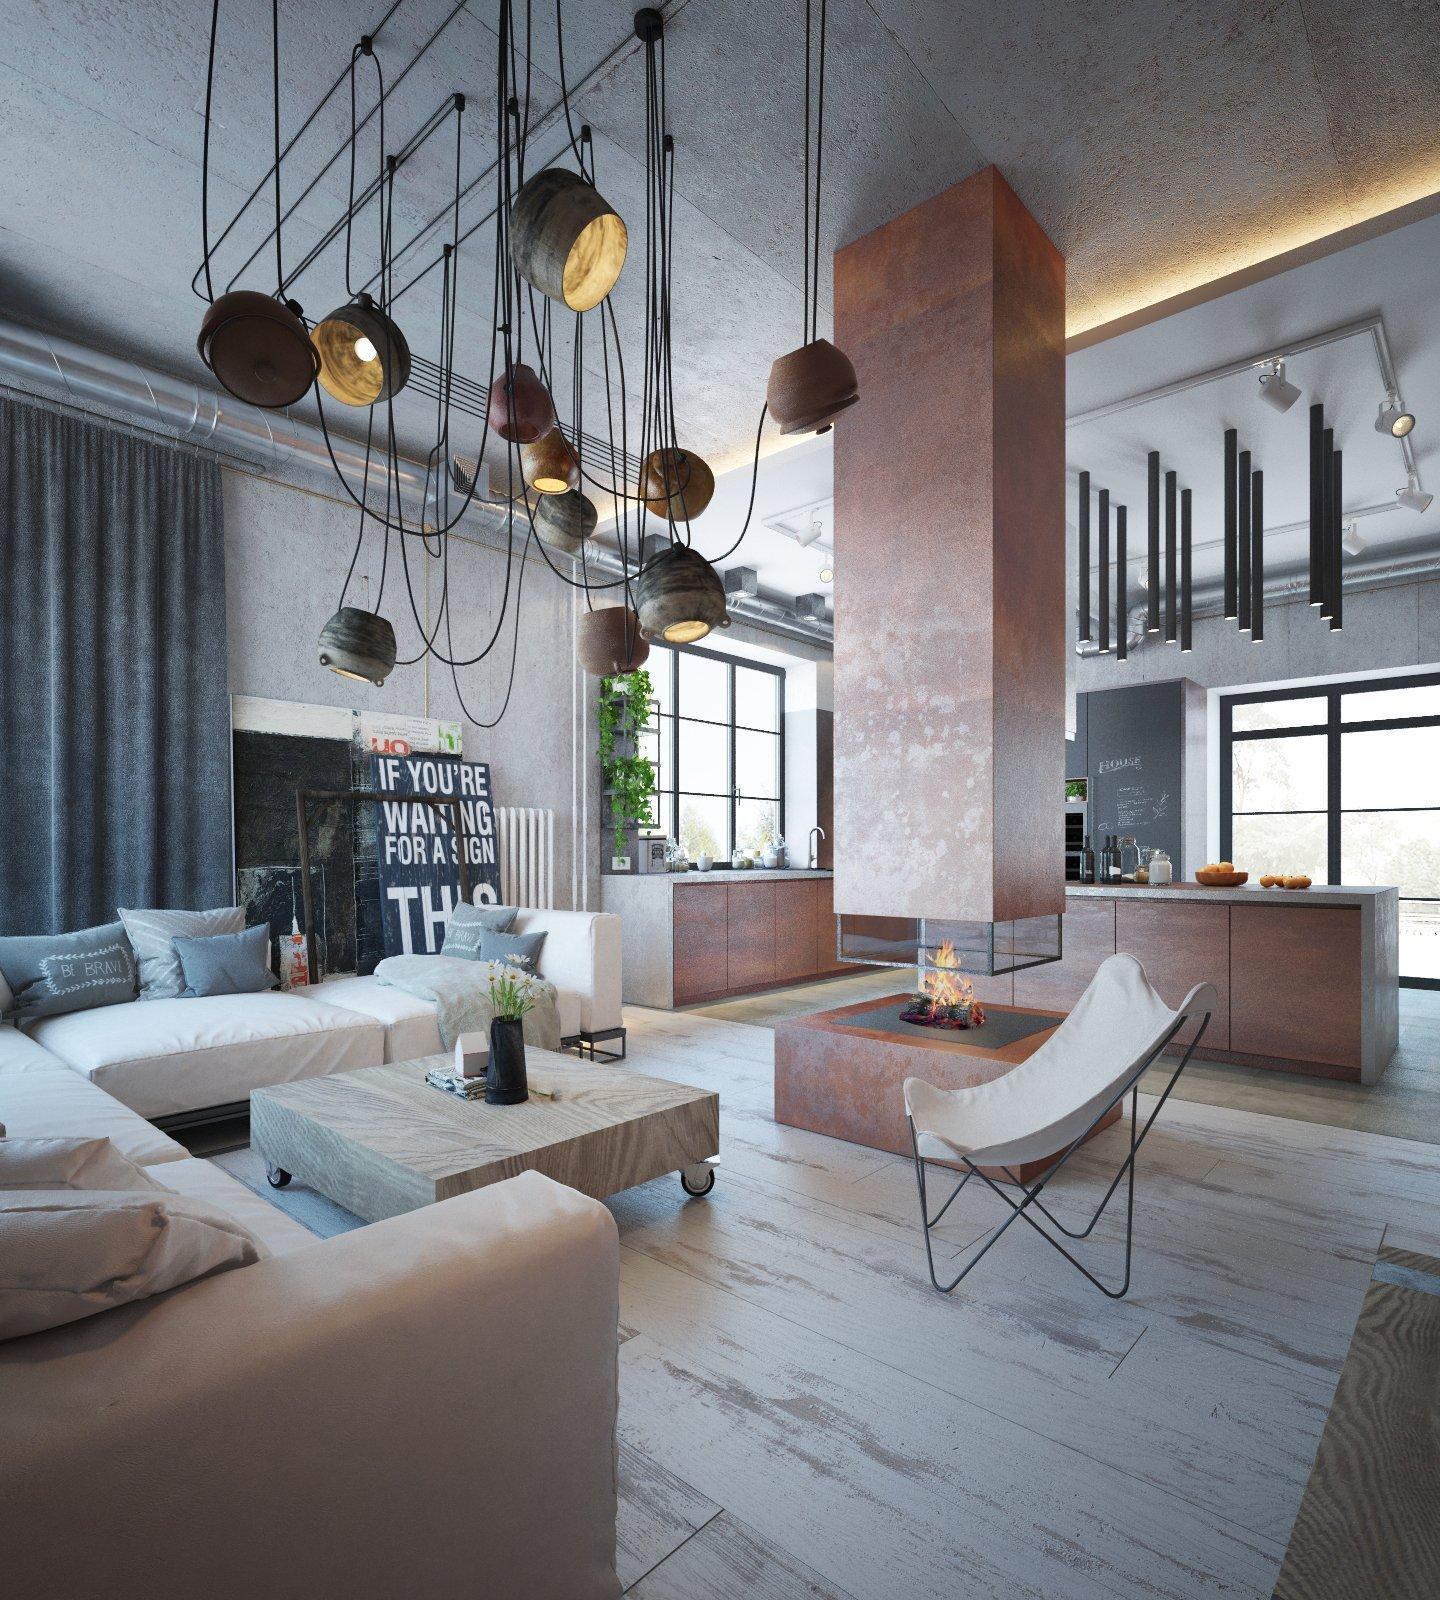 Velké otevřené prostory, vysoké stropy, ale i chladné barvy. Tohle všechno jsou typické znaky industriálního stylu bydlení, který je v posledních letech tolik oblíbený. Na této vizualizaci se spolu podíváme na to, jak lze tento styl skloubit s použitím teplých tónů tak, aby celý interiér působil útulněji.